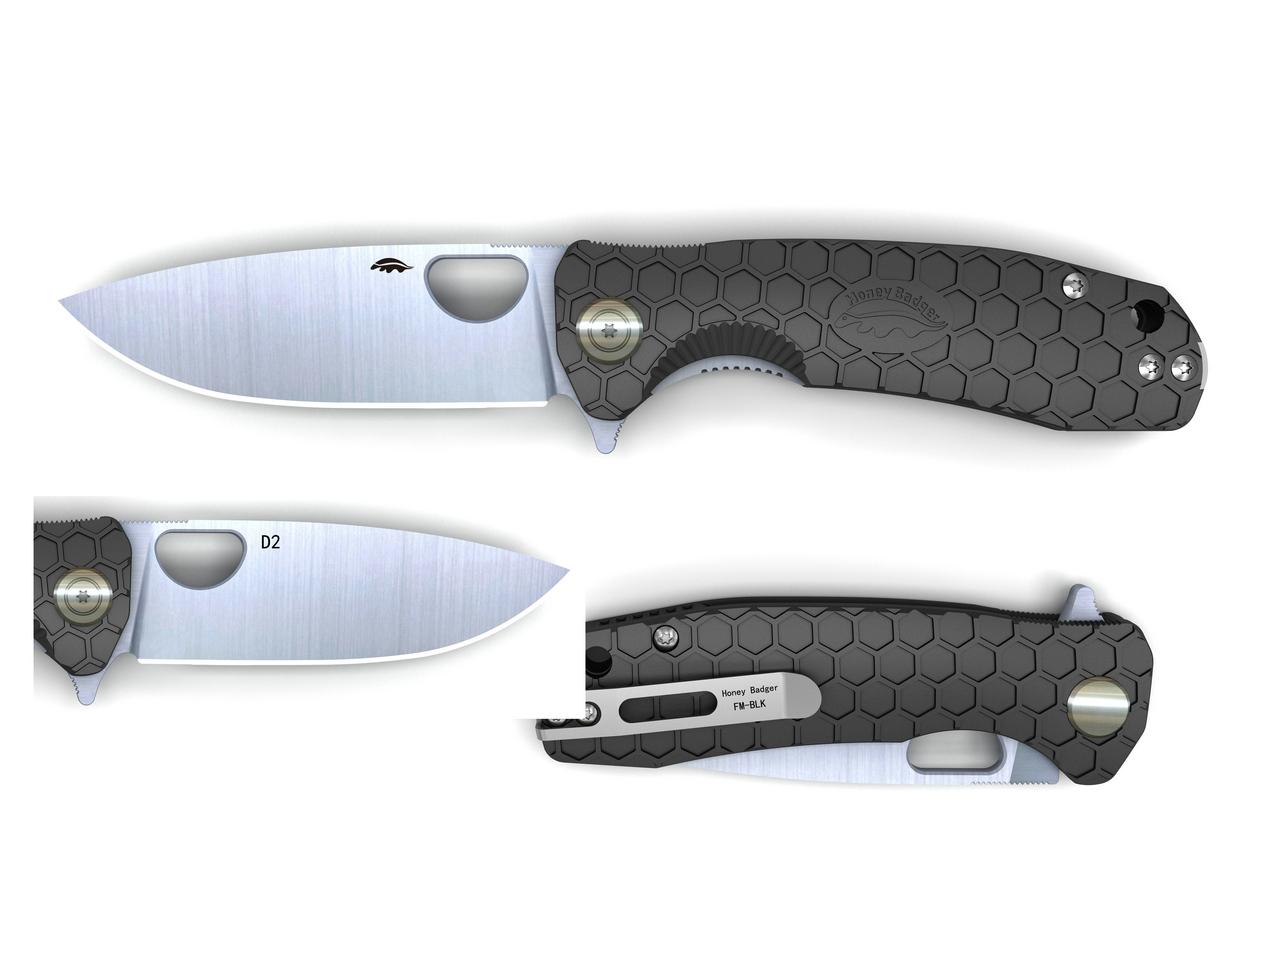 HONEY BADGER Flipper D2 L/R HBS Medium (Black)